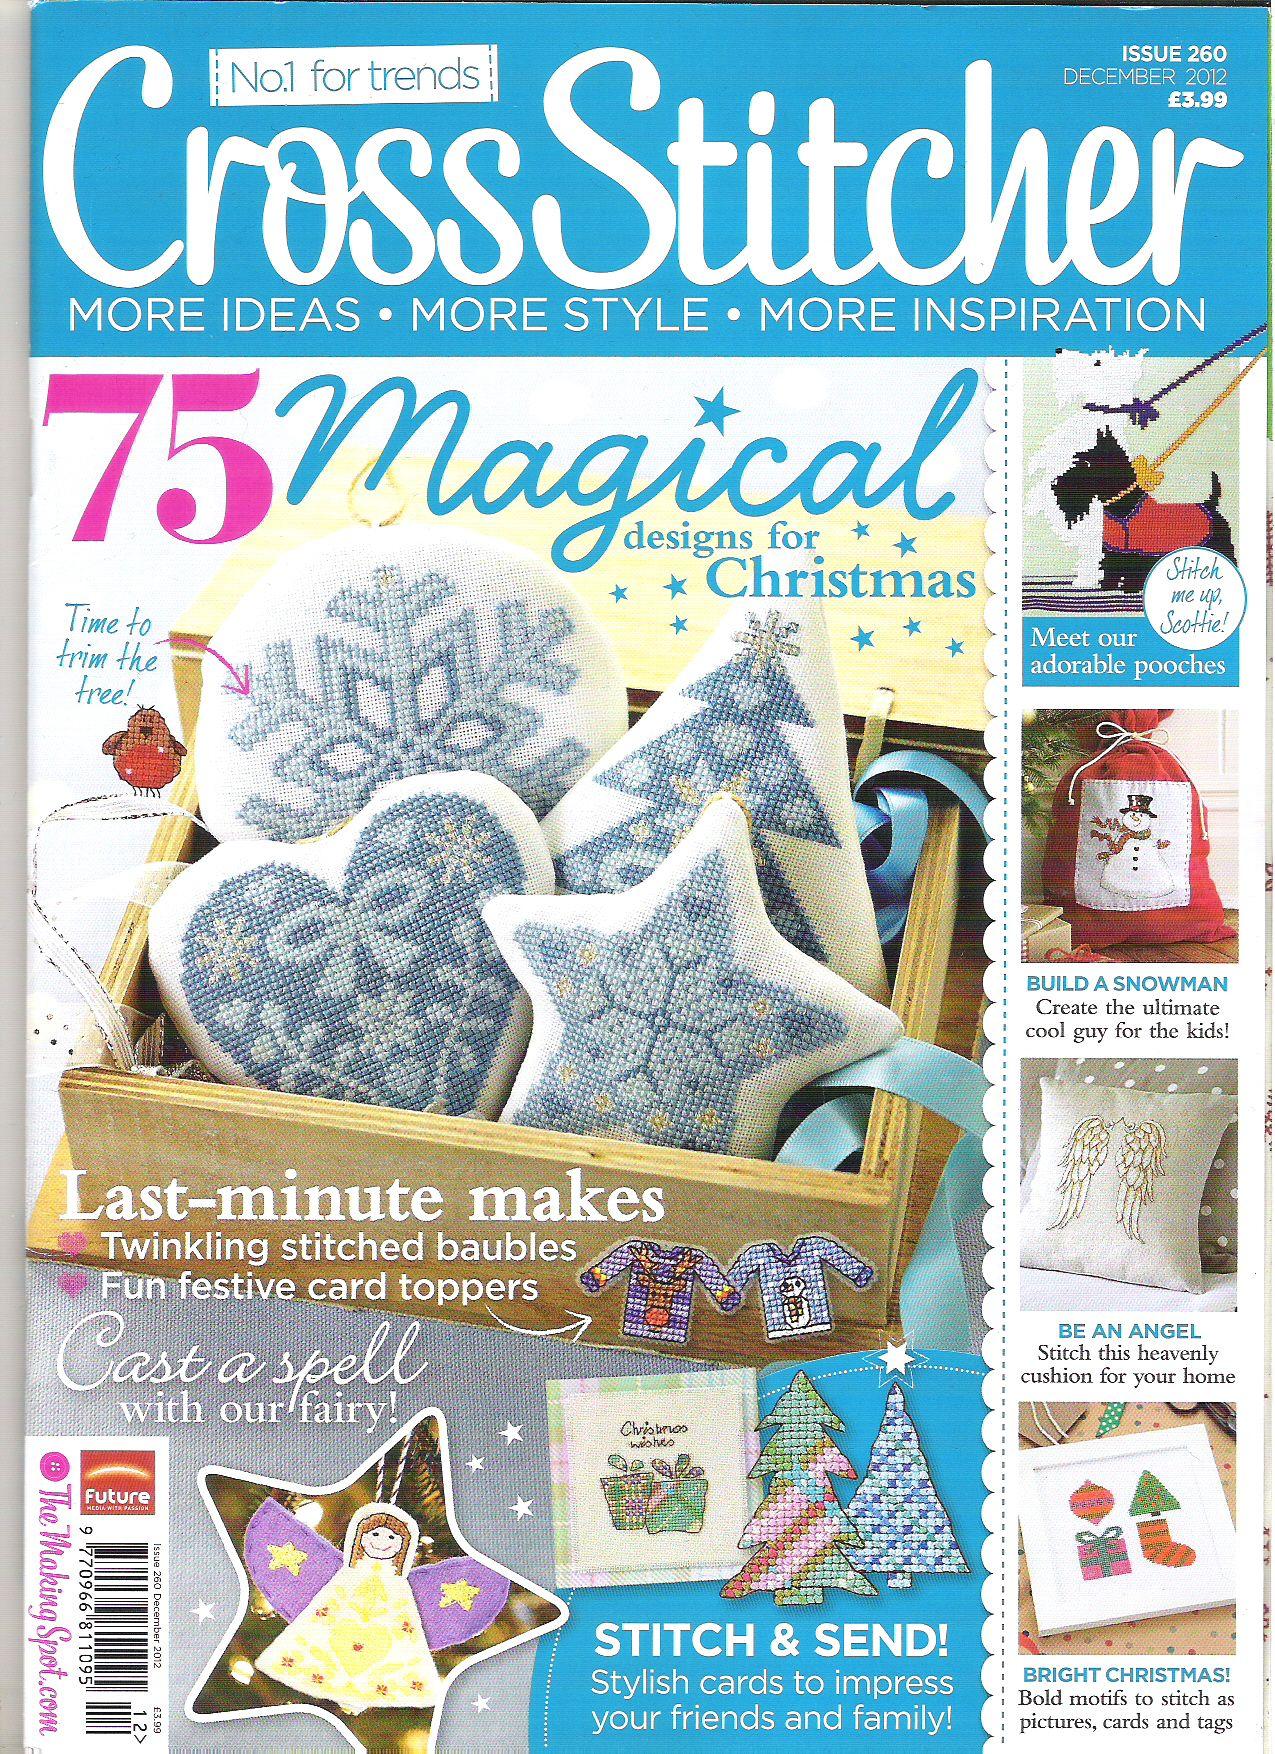 Cross Stitcher Magazine - December 2012 260 - CrossStitcher